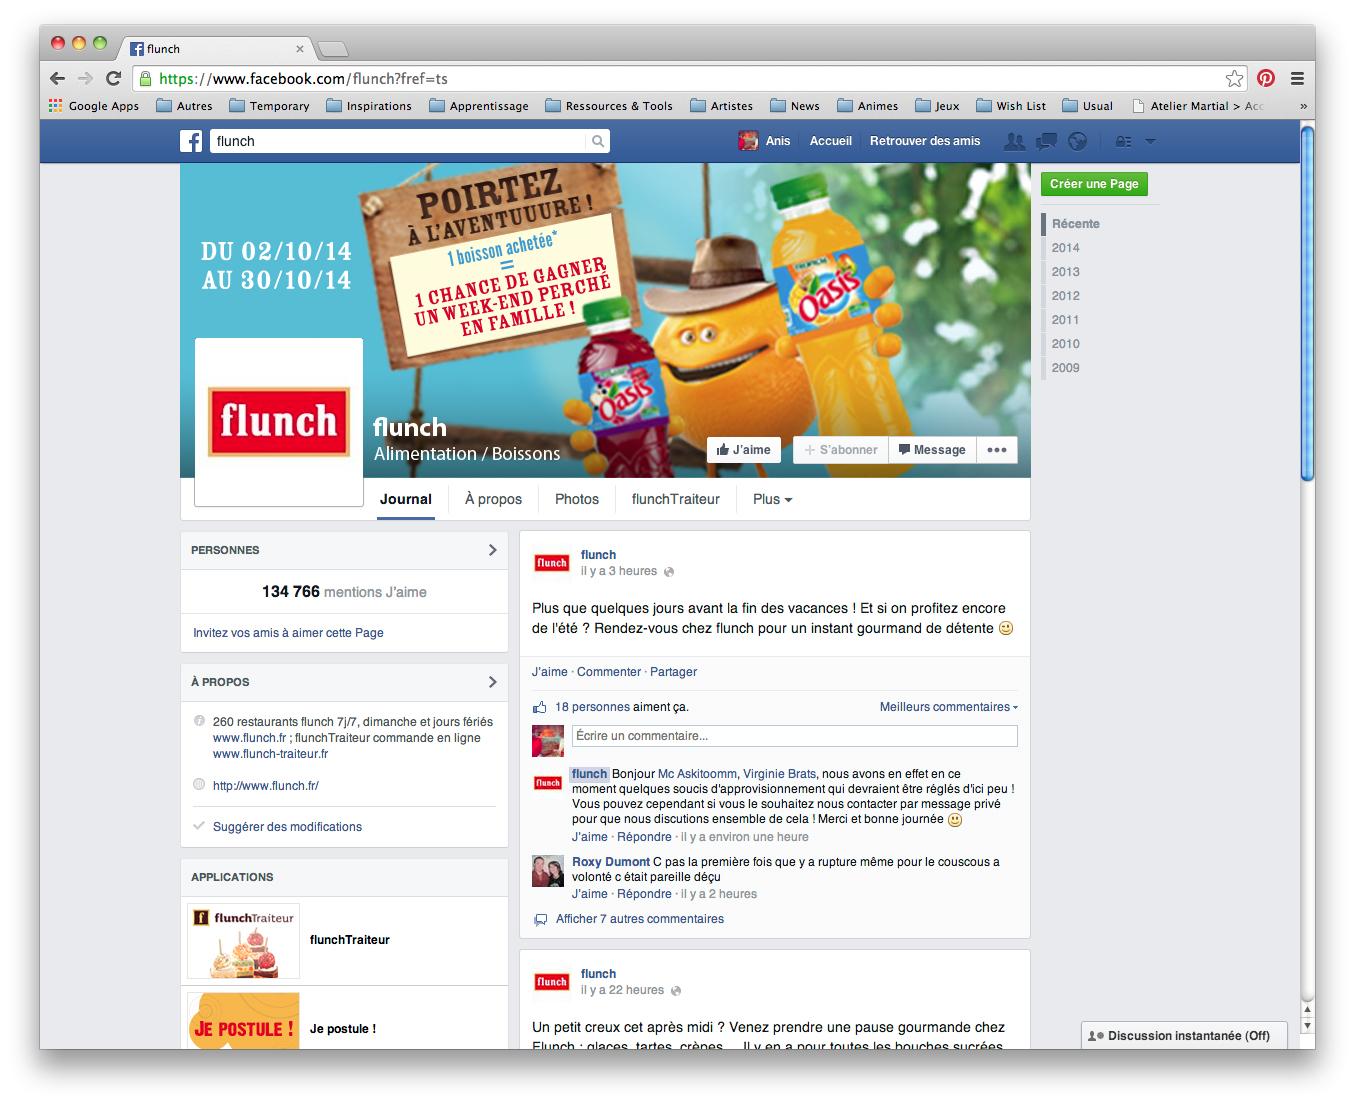 L'événement sur la page facebook de Flunch